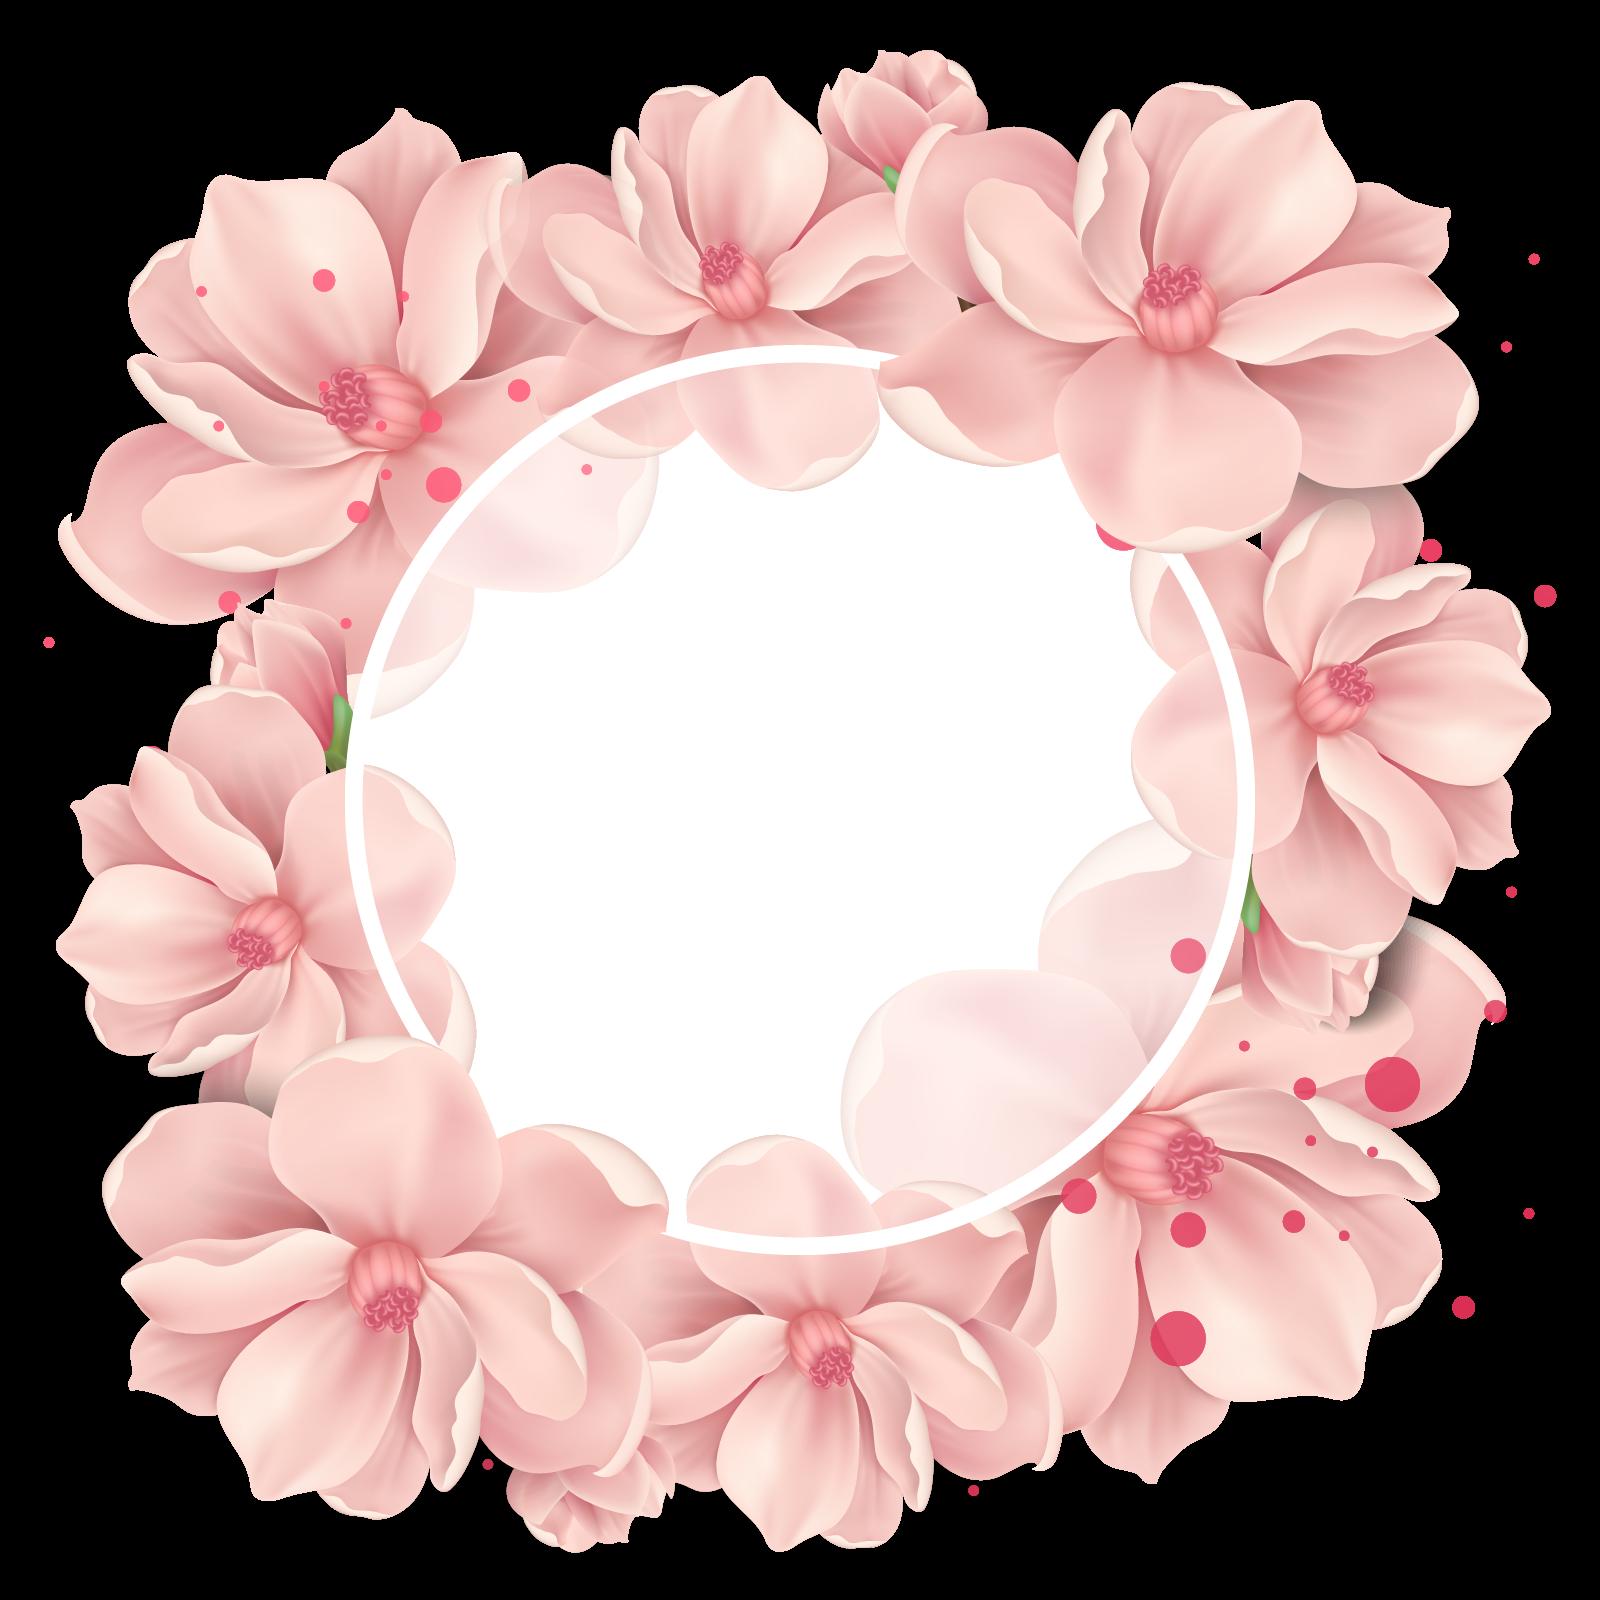 Épinglé par Rima Rourou sur photoshop (avec images)   Papier peint à fleurs, Fond floral, Cadre ...